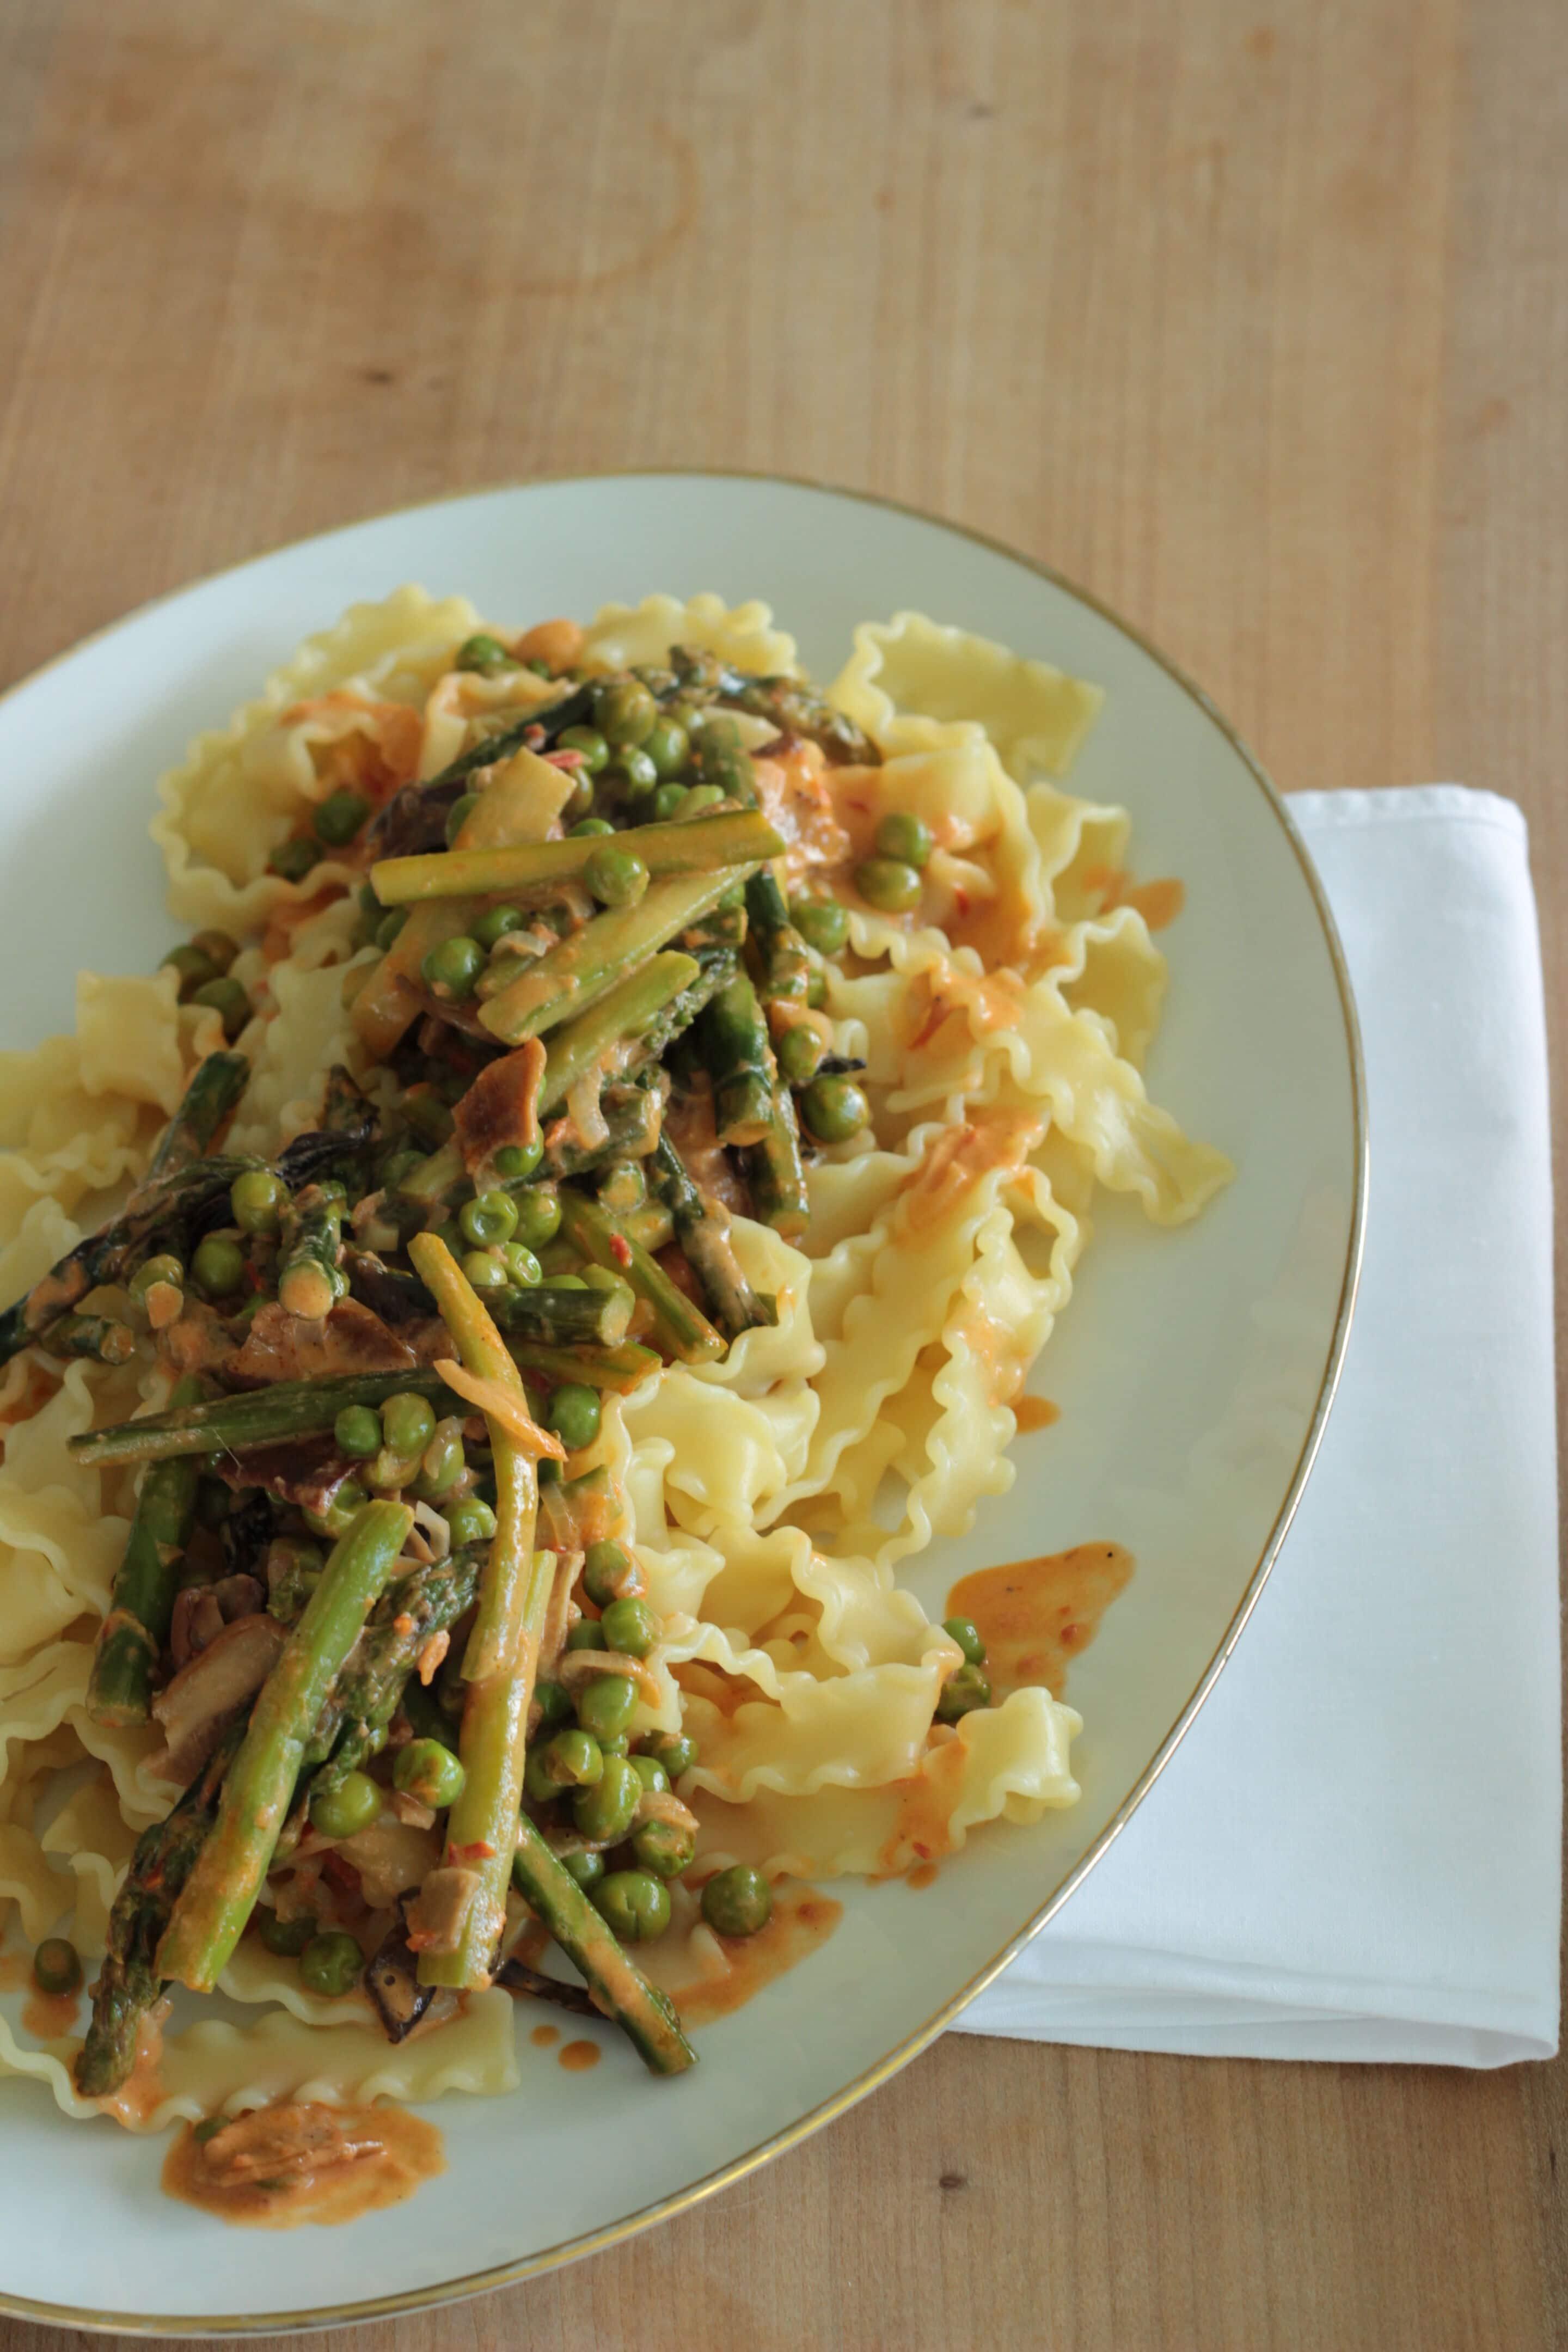 Pasta mit grünem Spargel, getrockneten Steinpilzen und Erbsen oder #pastaforingeborg die Fünfte